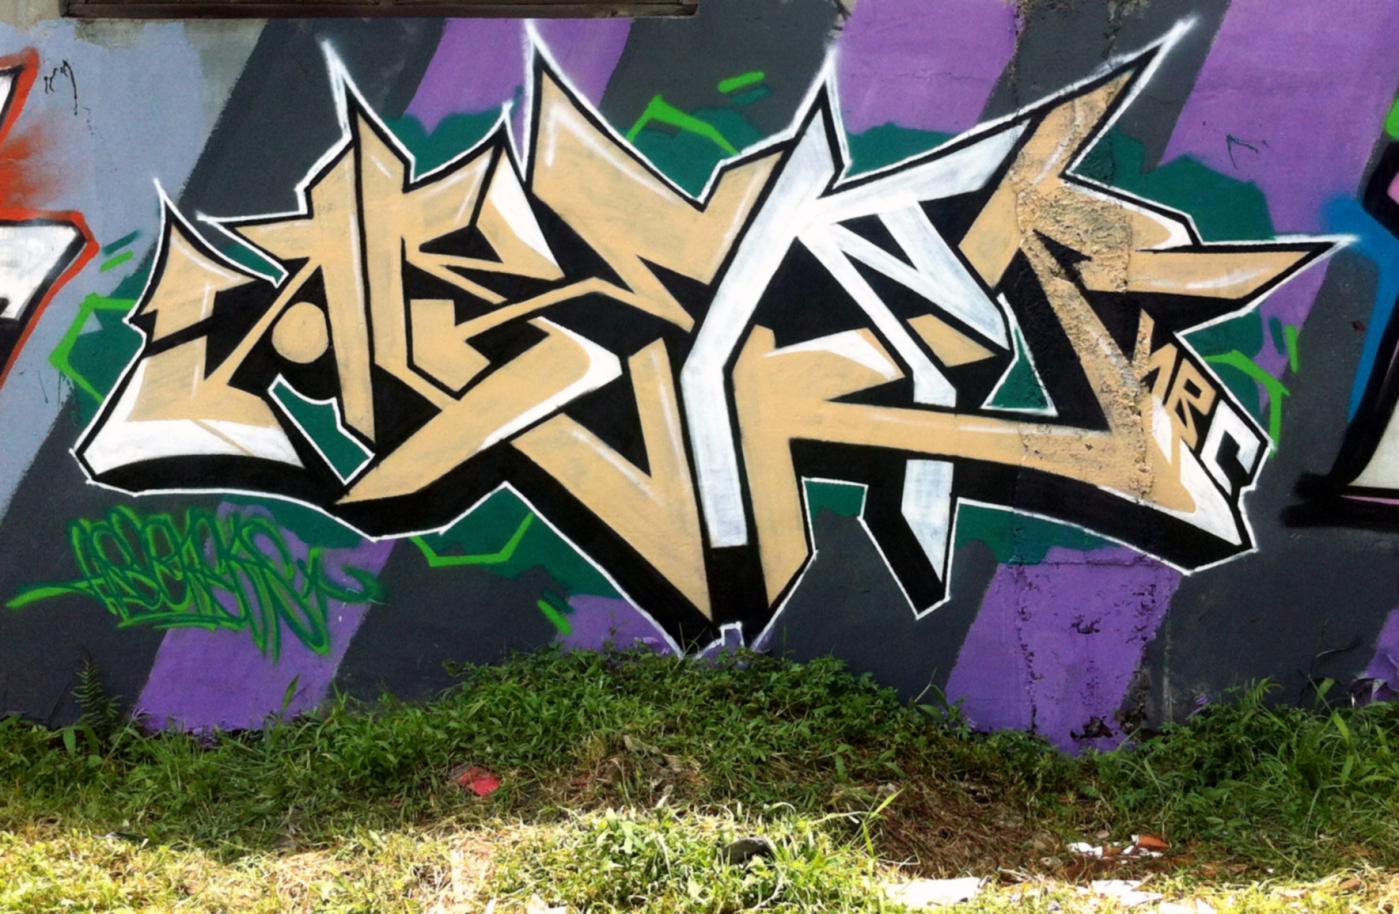 ABERS ABEONERS NBC NTA CLAN BANDUNG JAKARTA GRAFFITI PIECE.jpg